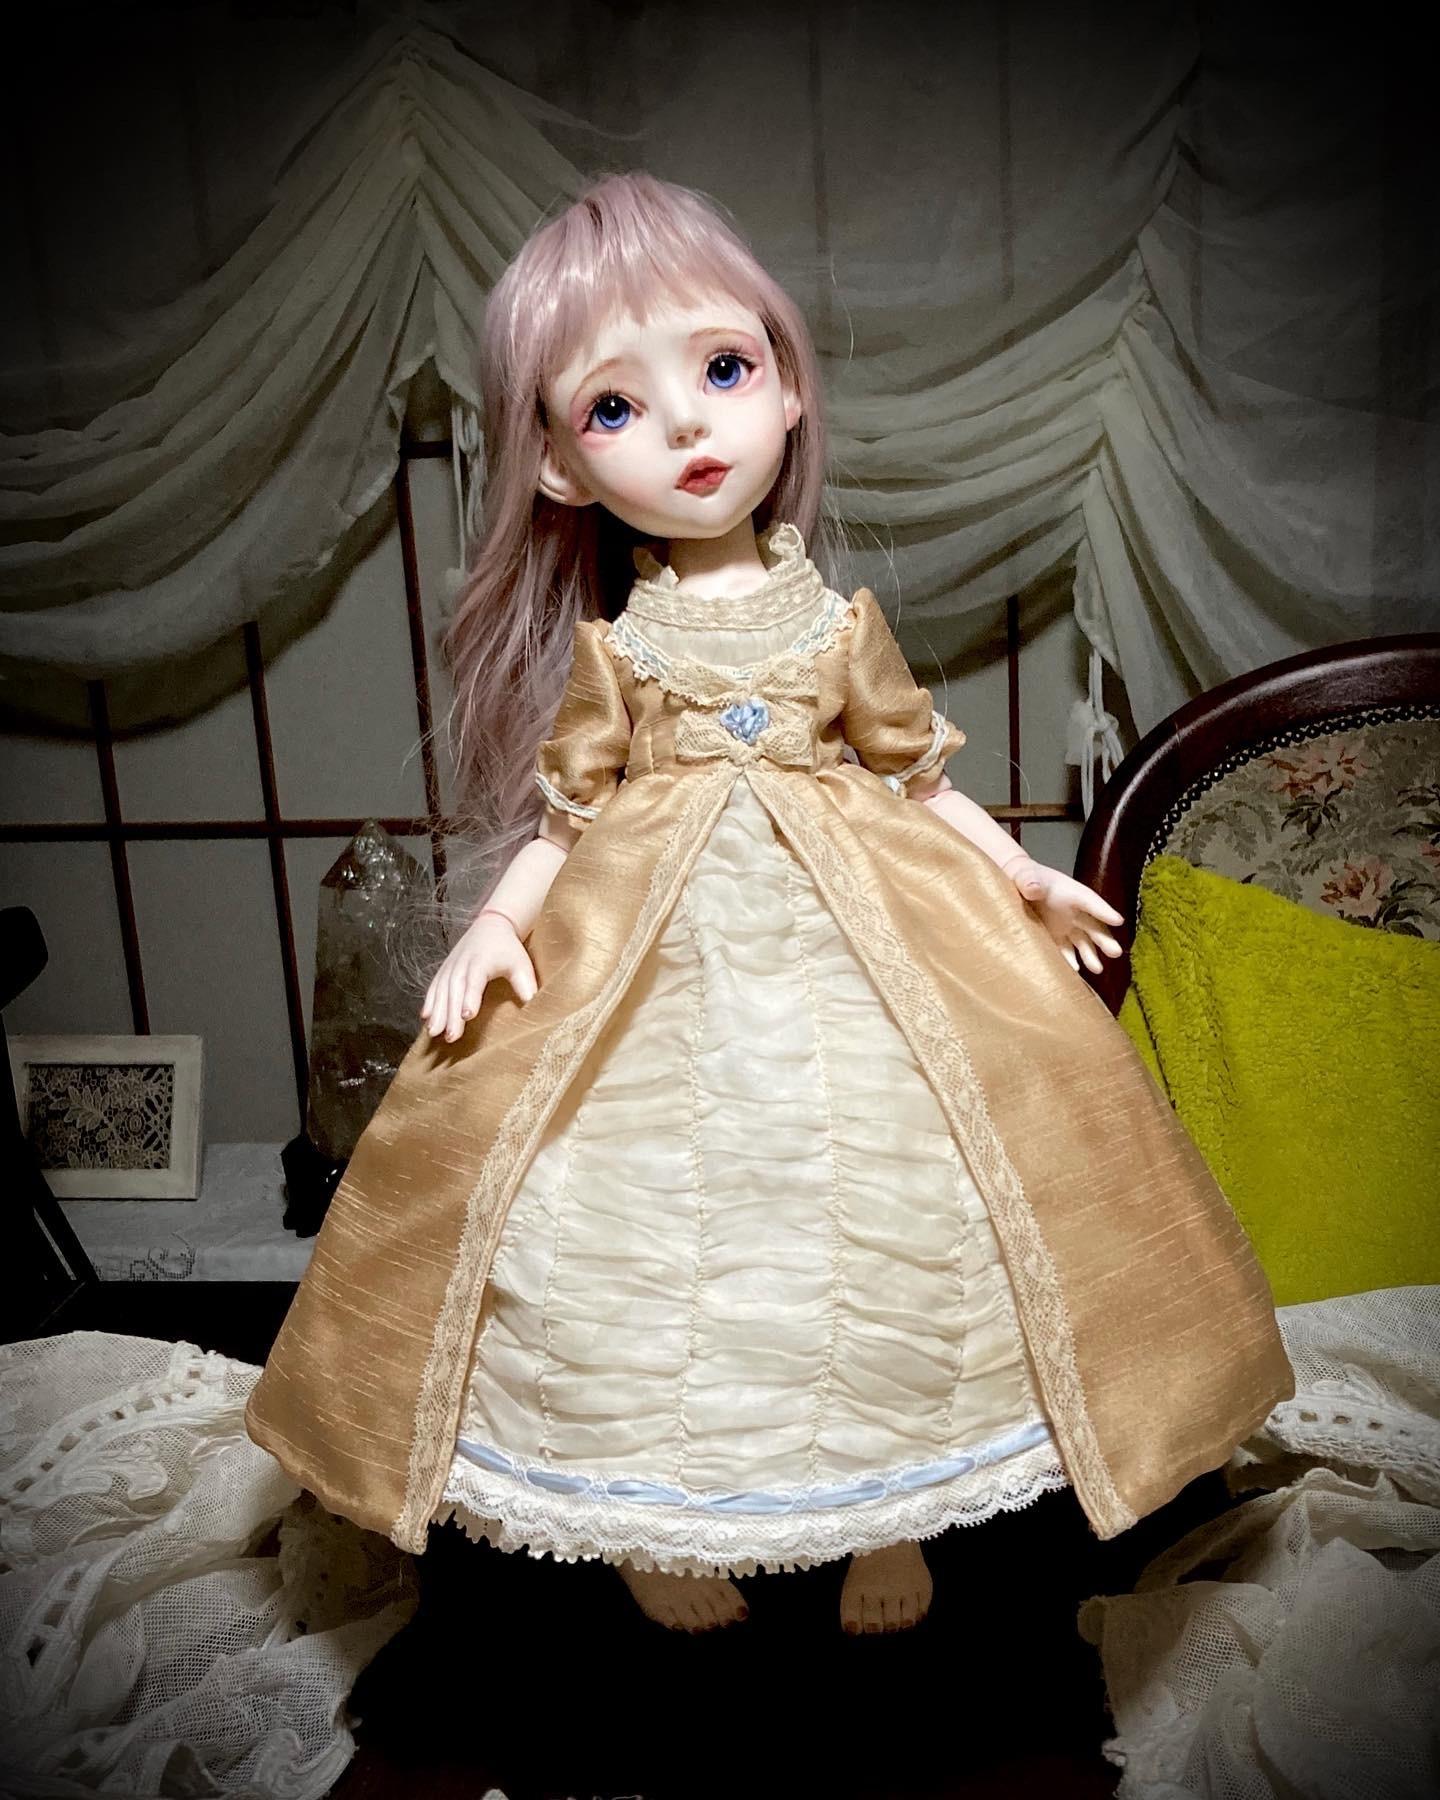 月姫のドレスと13夜♪_b0162357_06343126.jpeg